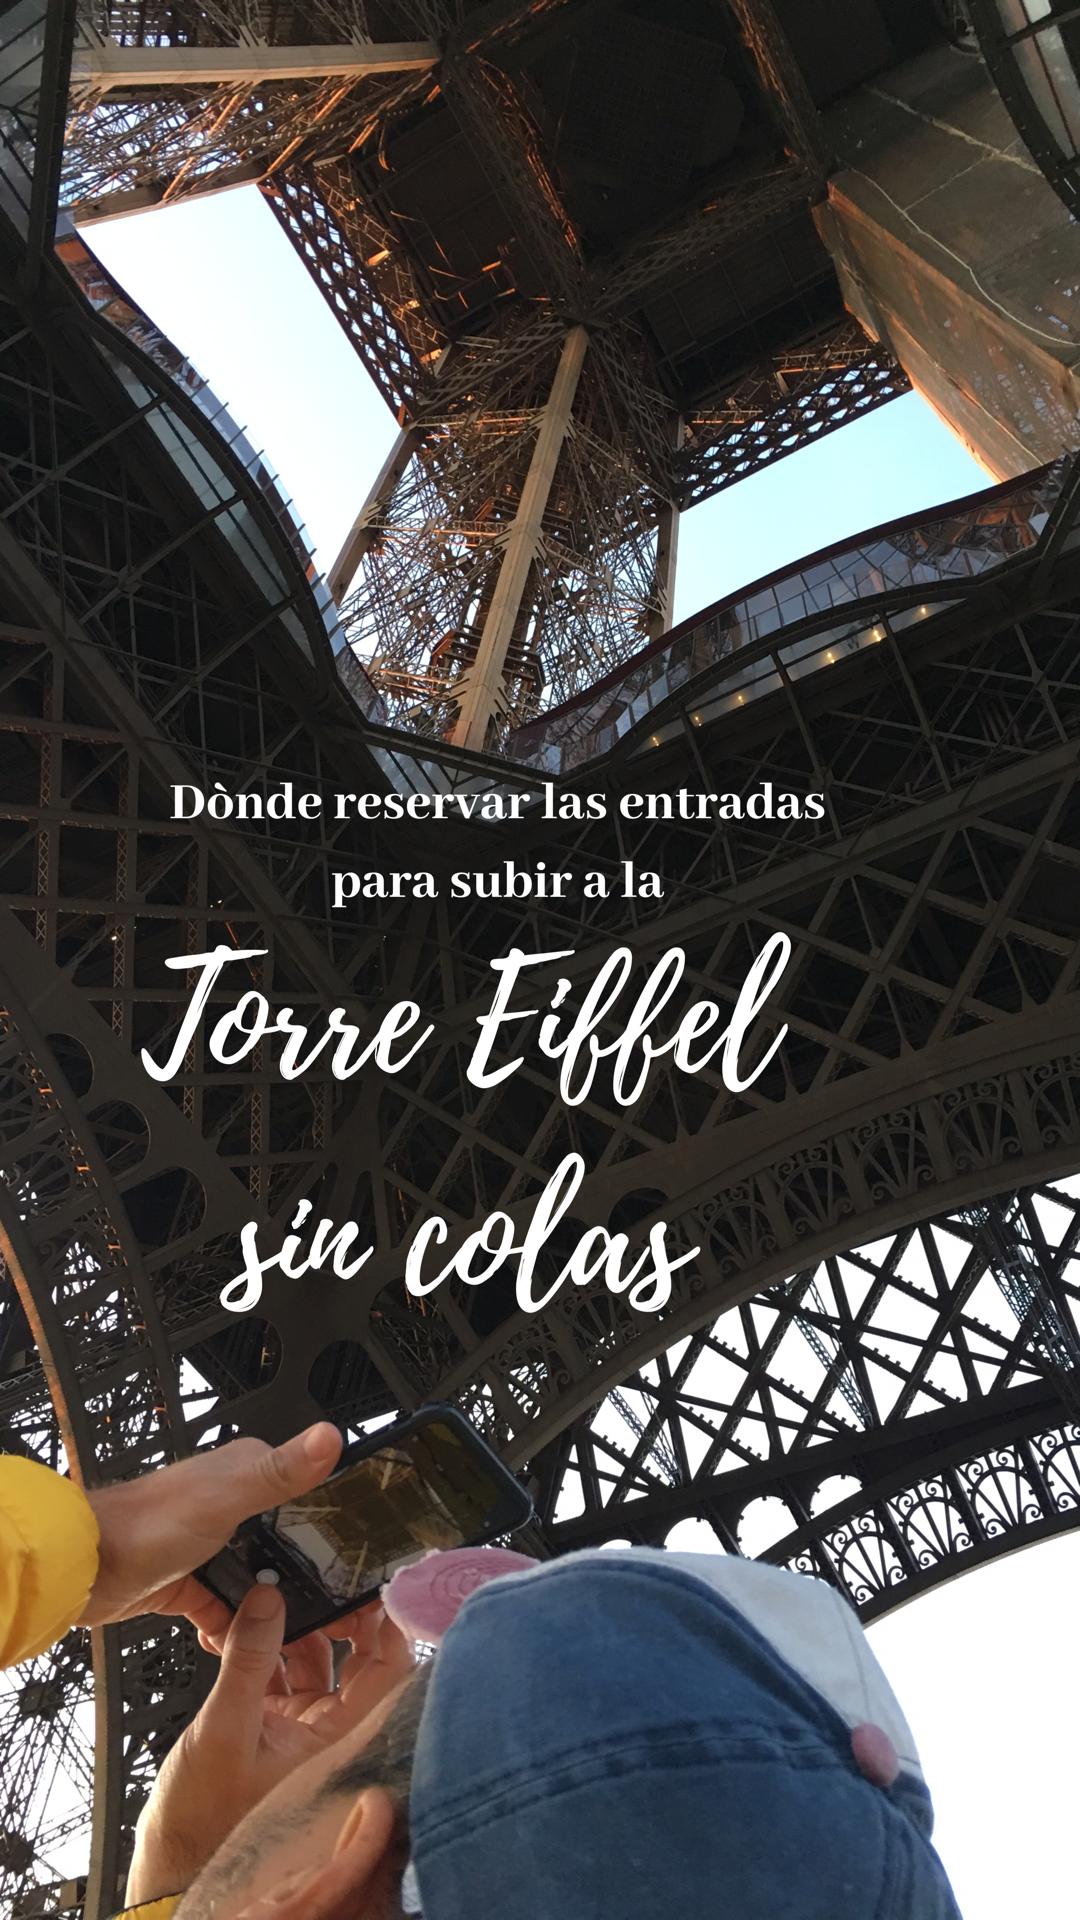 Lo Peor De Subir A La Torre Eiffel Son Las Colas Interminables Que Tienen Todos Los Dias Del Ano Desde Aqui Puedes Reservar La Torre Eiffel Paris Viaje Torres